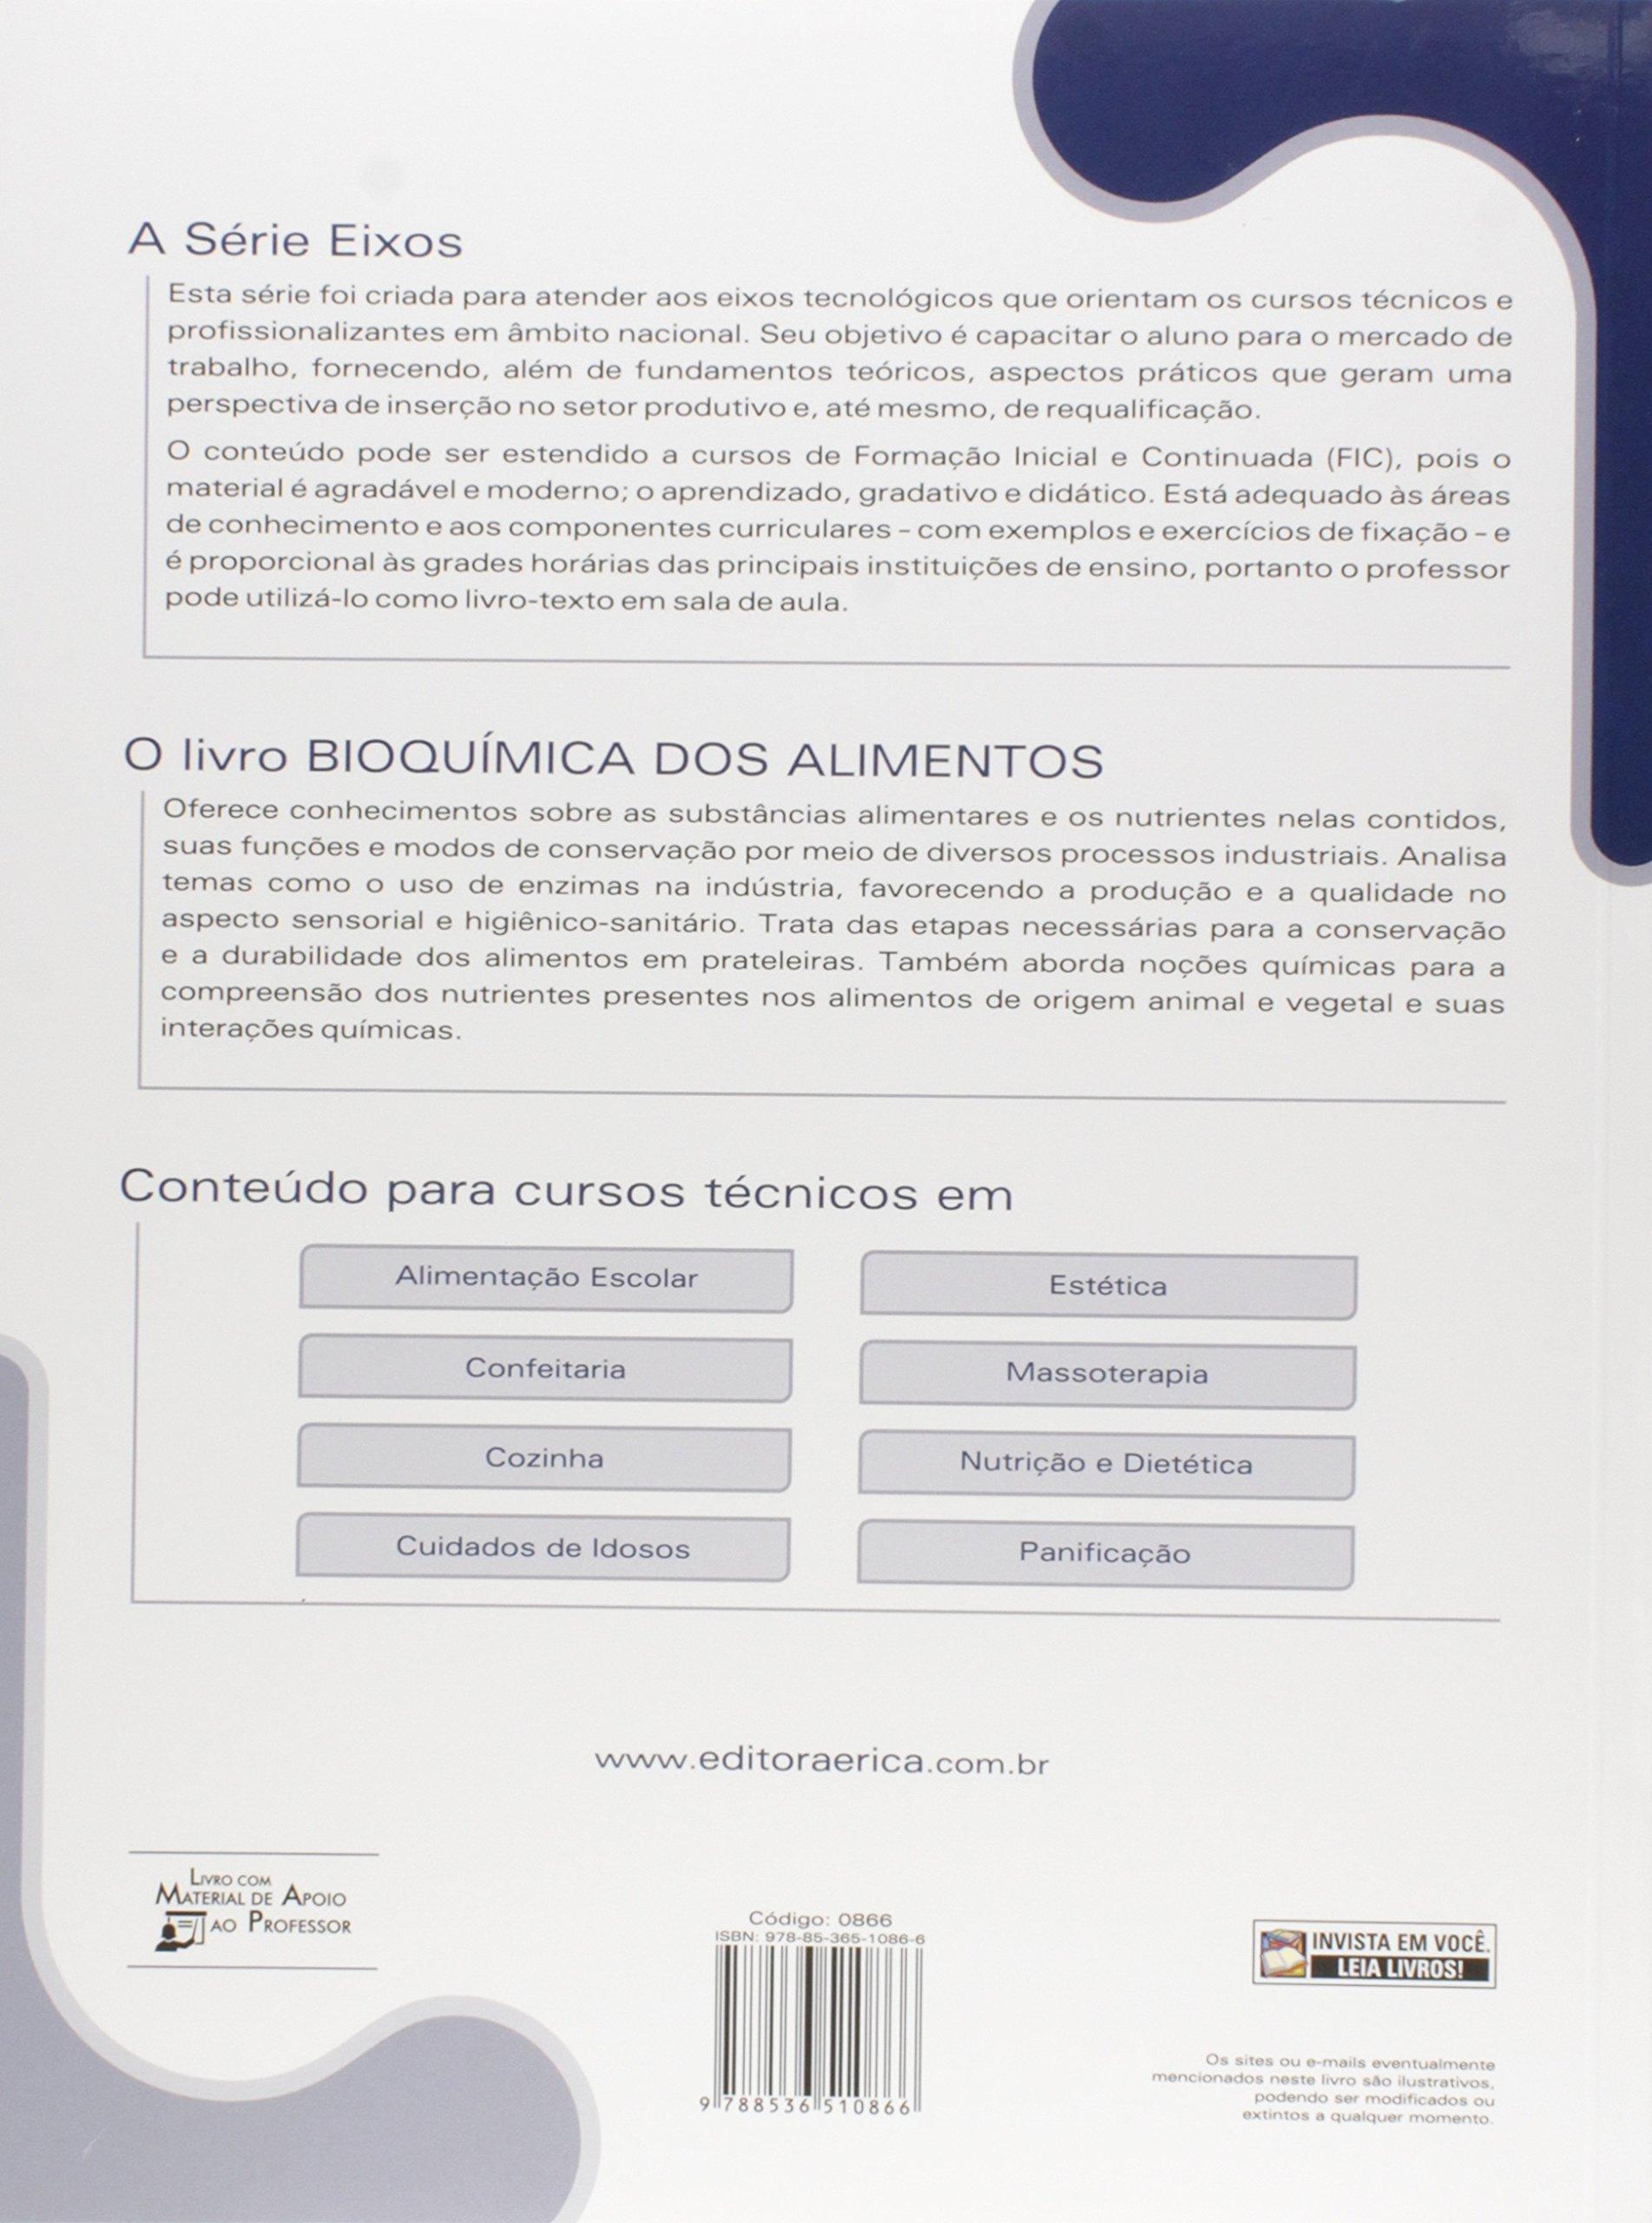 Bioquimica dos Alimentos: Composicao, Reacoes e Praticas de ...